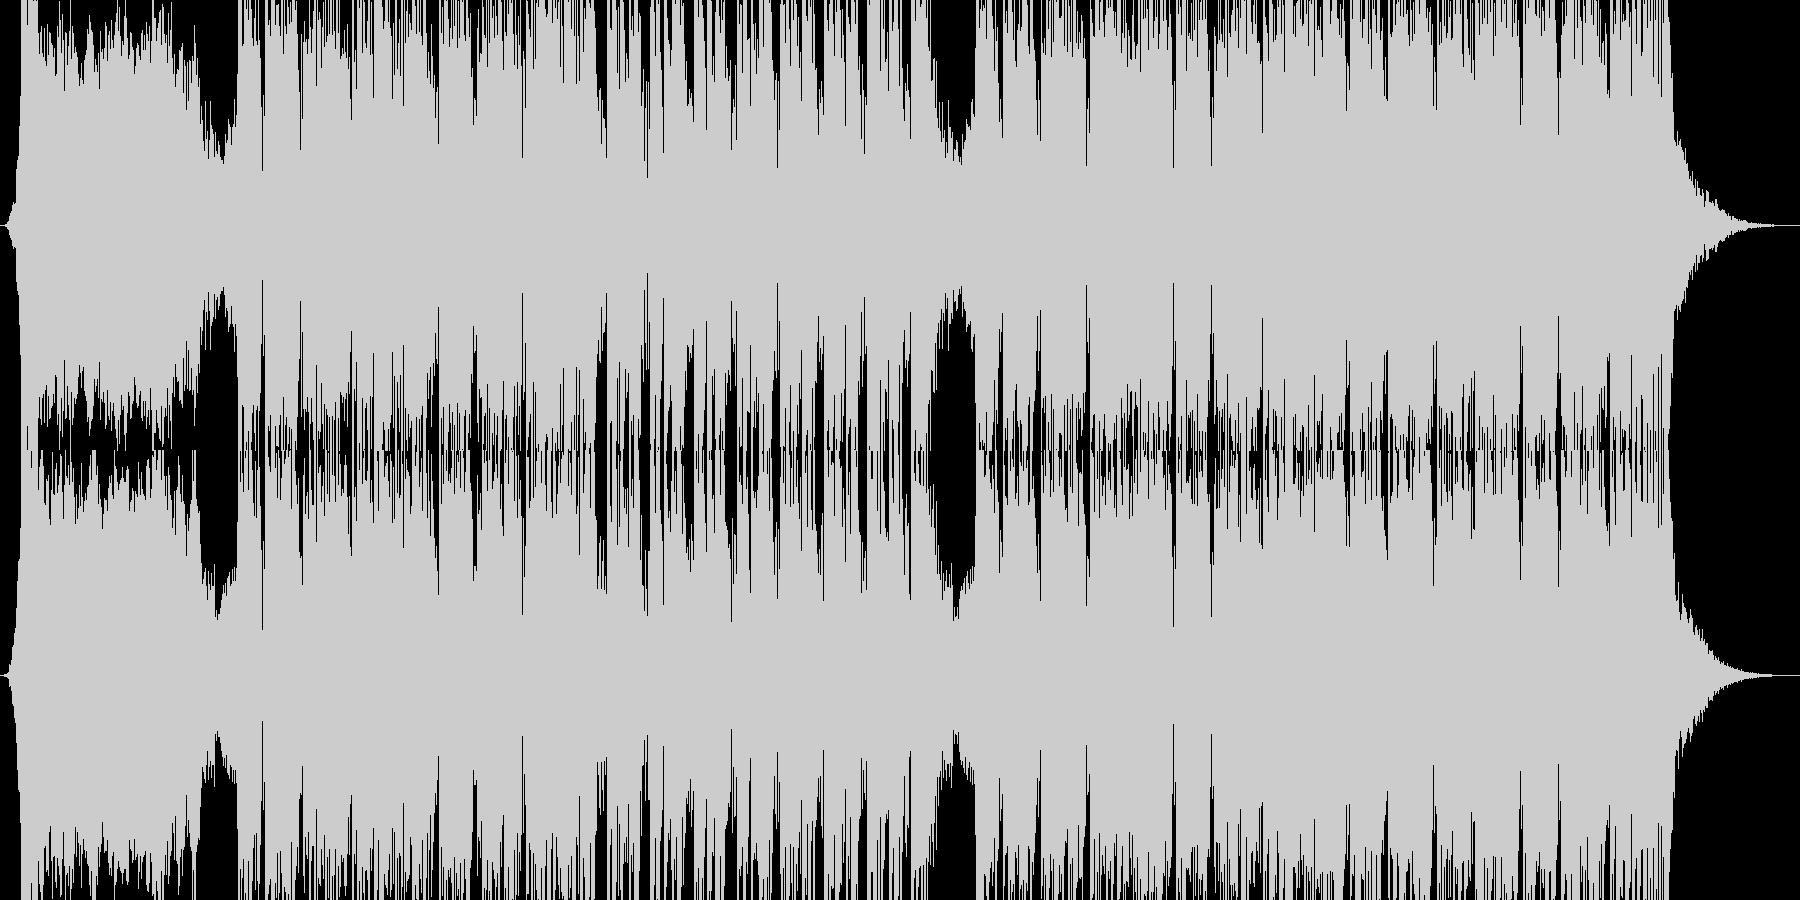 メタル ポップロック 積極的 焦り...の未再生の波形